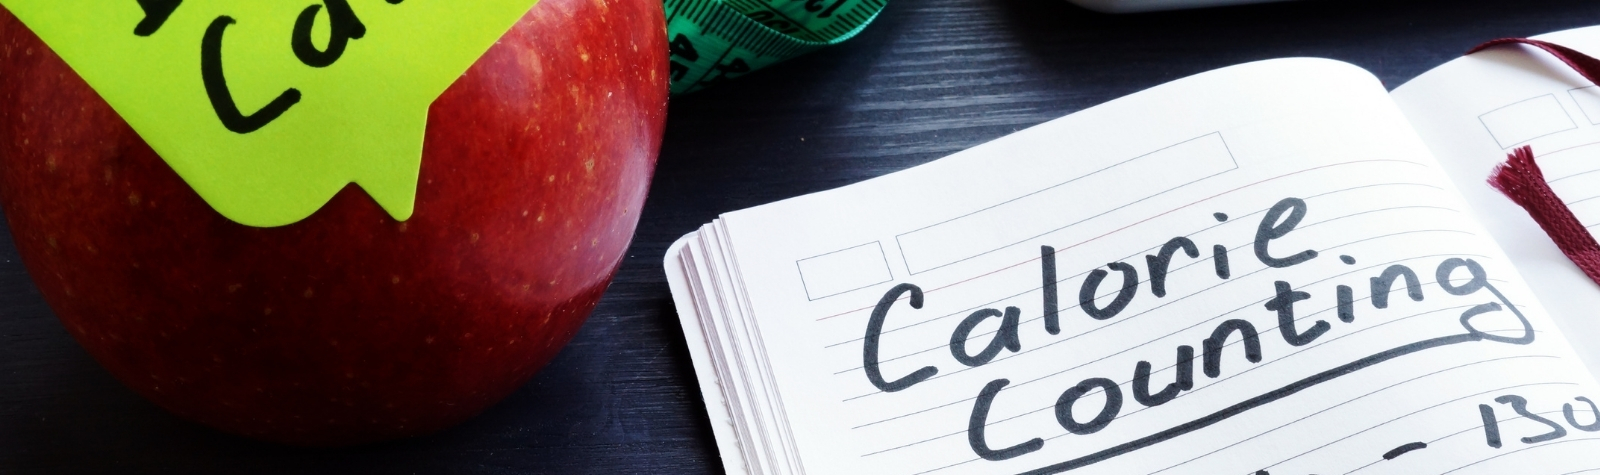 Calorie Deficit Vs Calorie Surplus